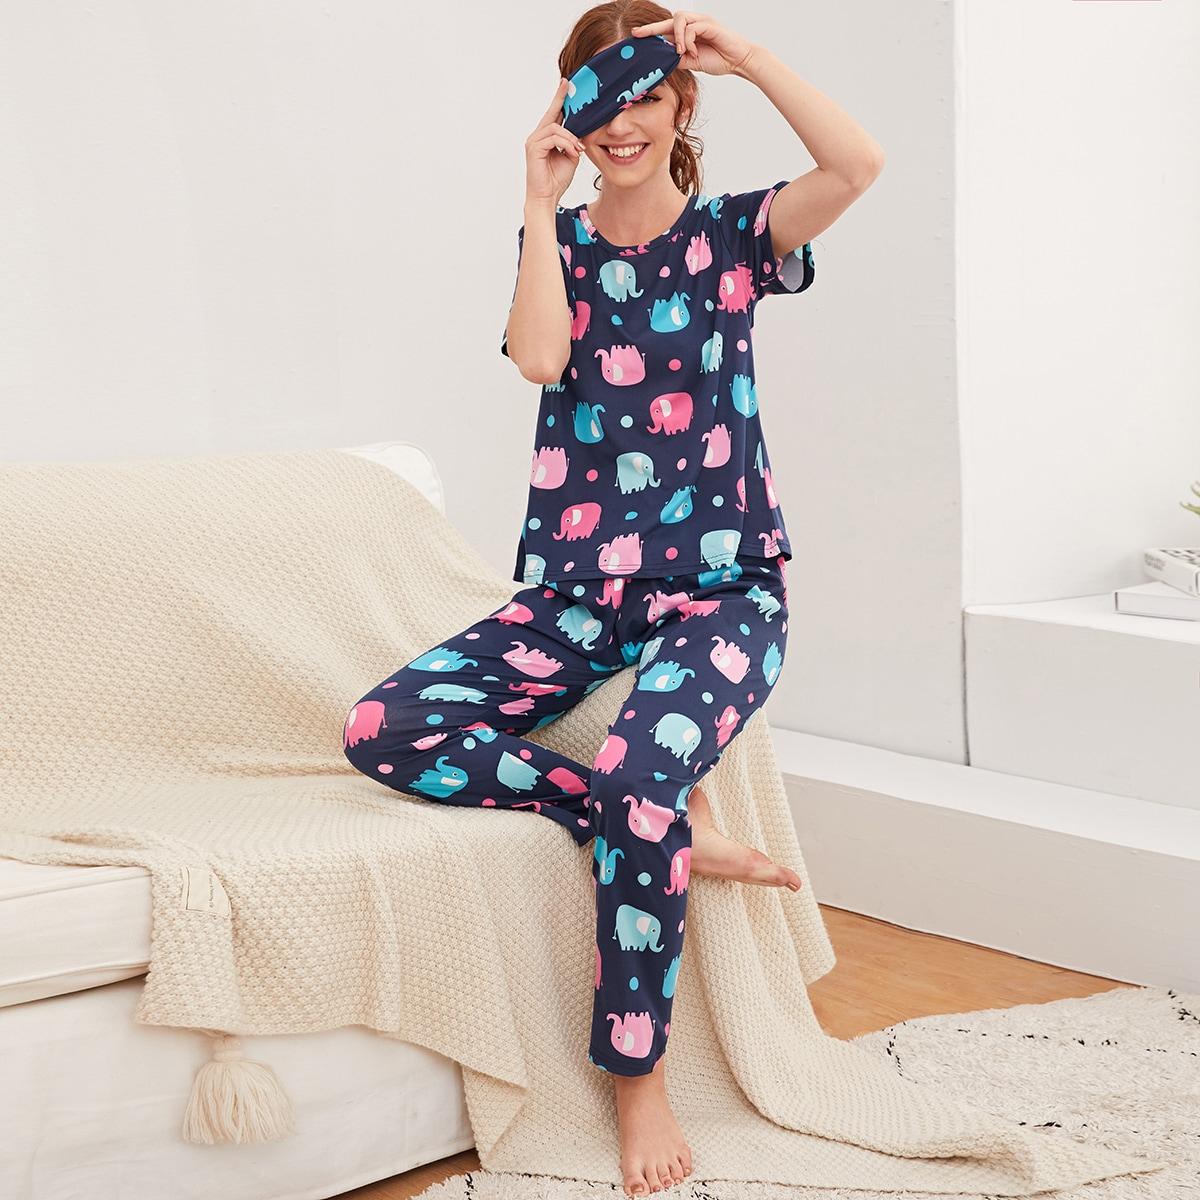 Пижама с принтом слона